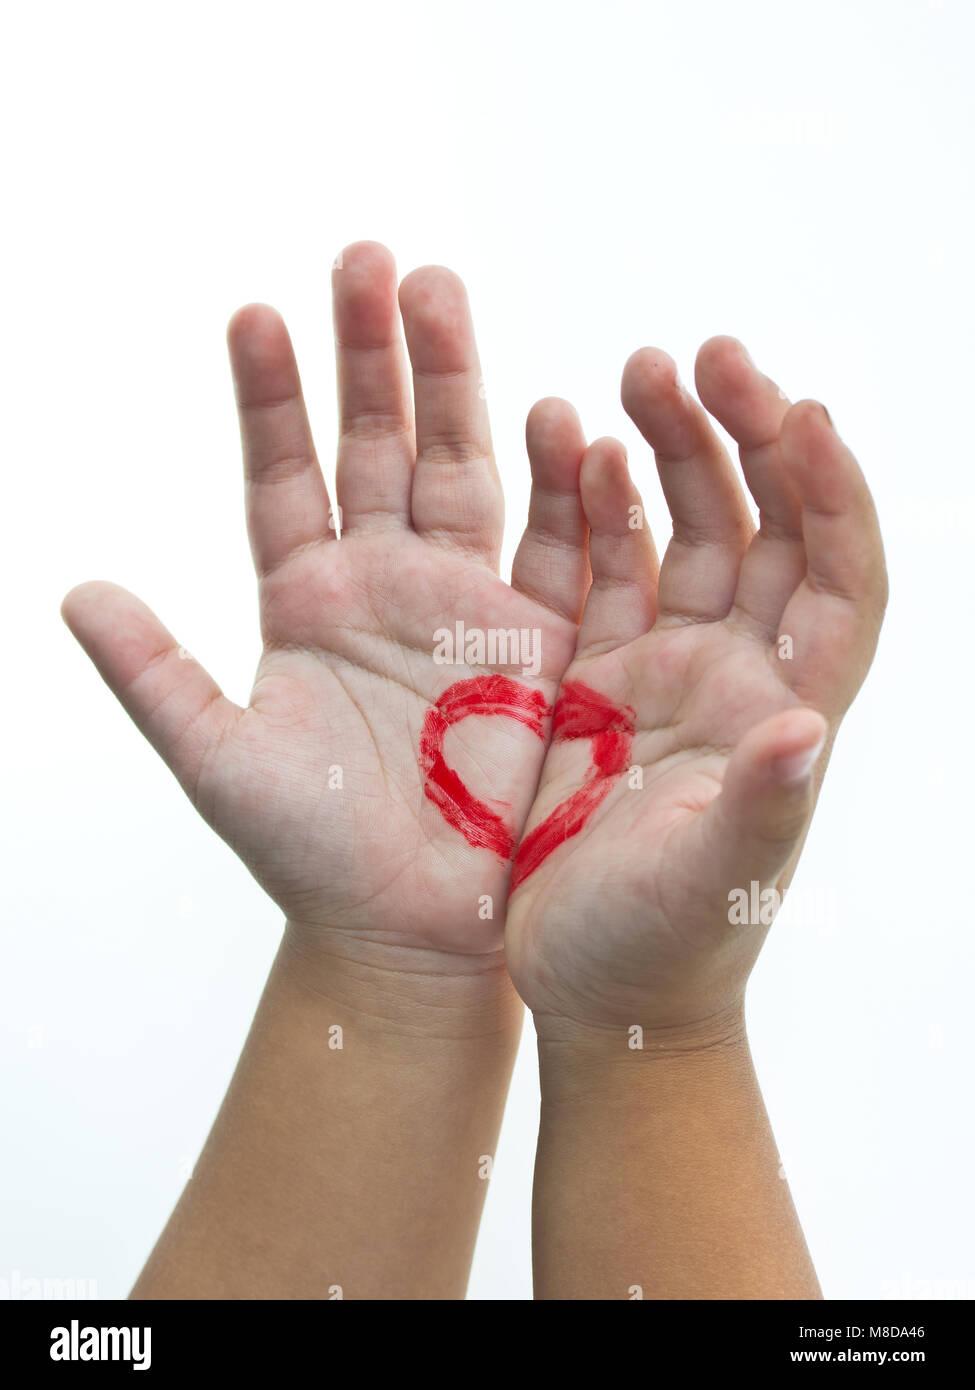 Herz in Händen. Valentinstag, Romantik, Liebe Konzept Stockbild